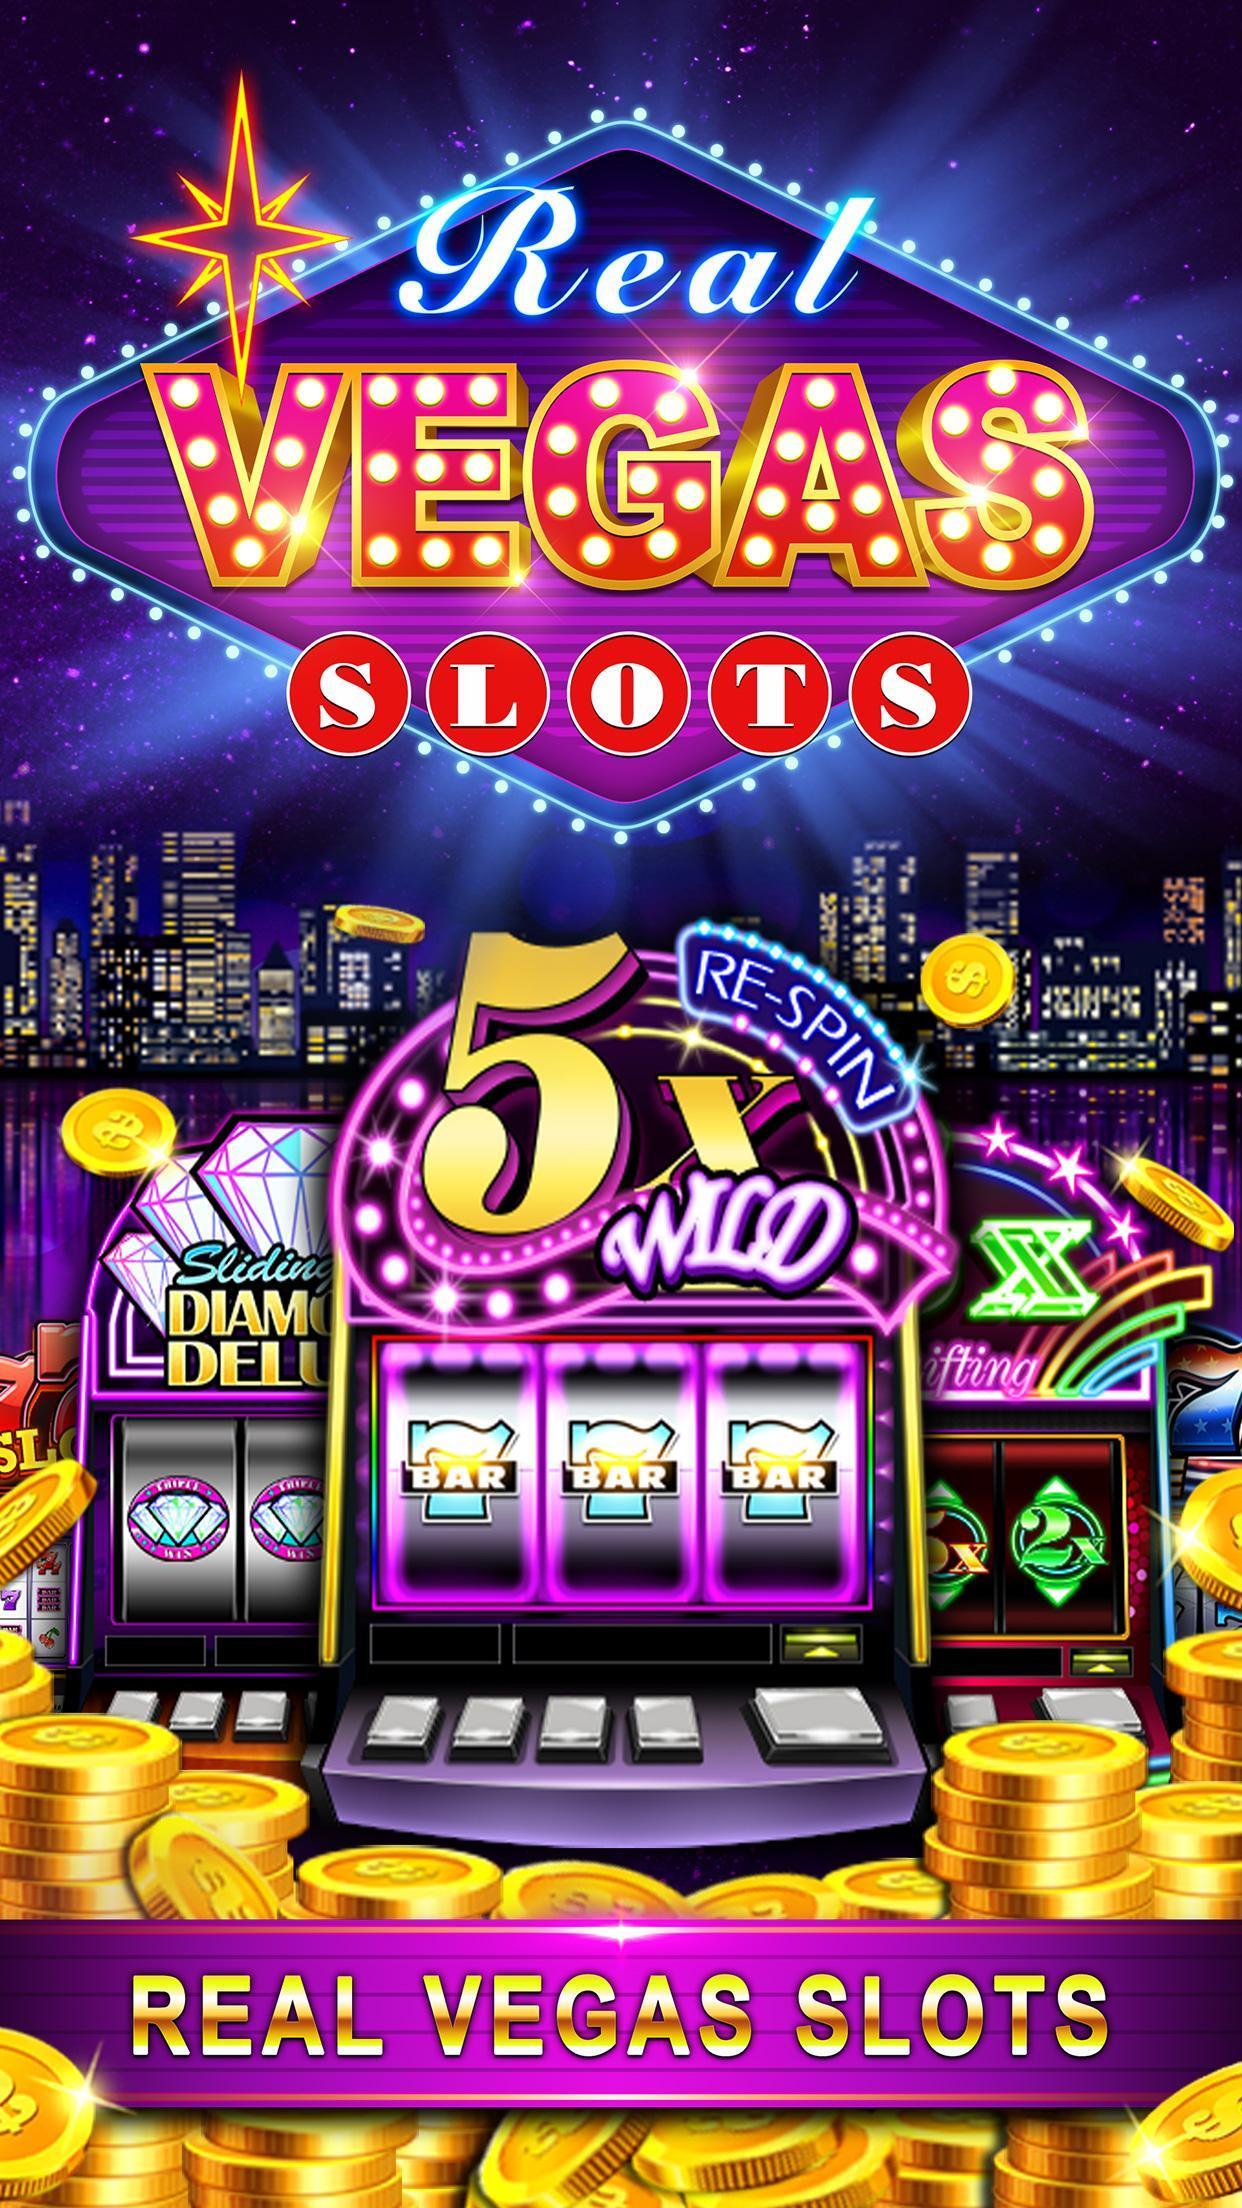 Real Vegas Slots Free